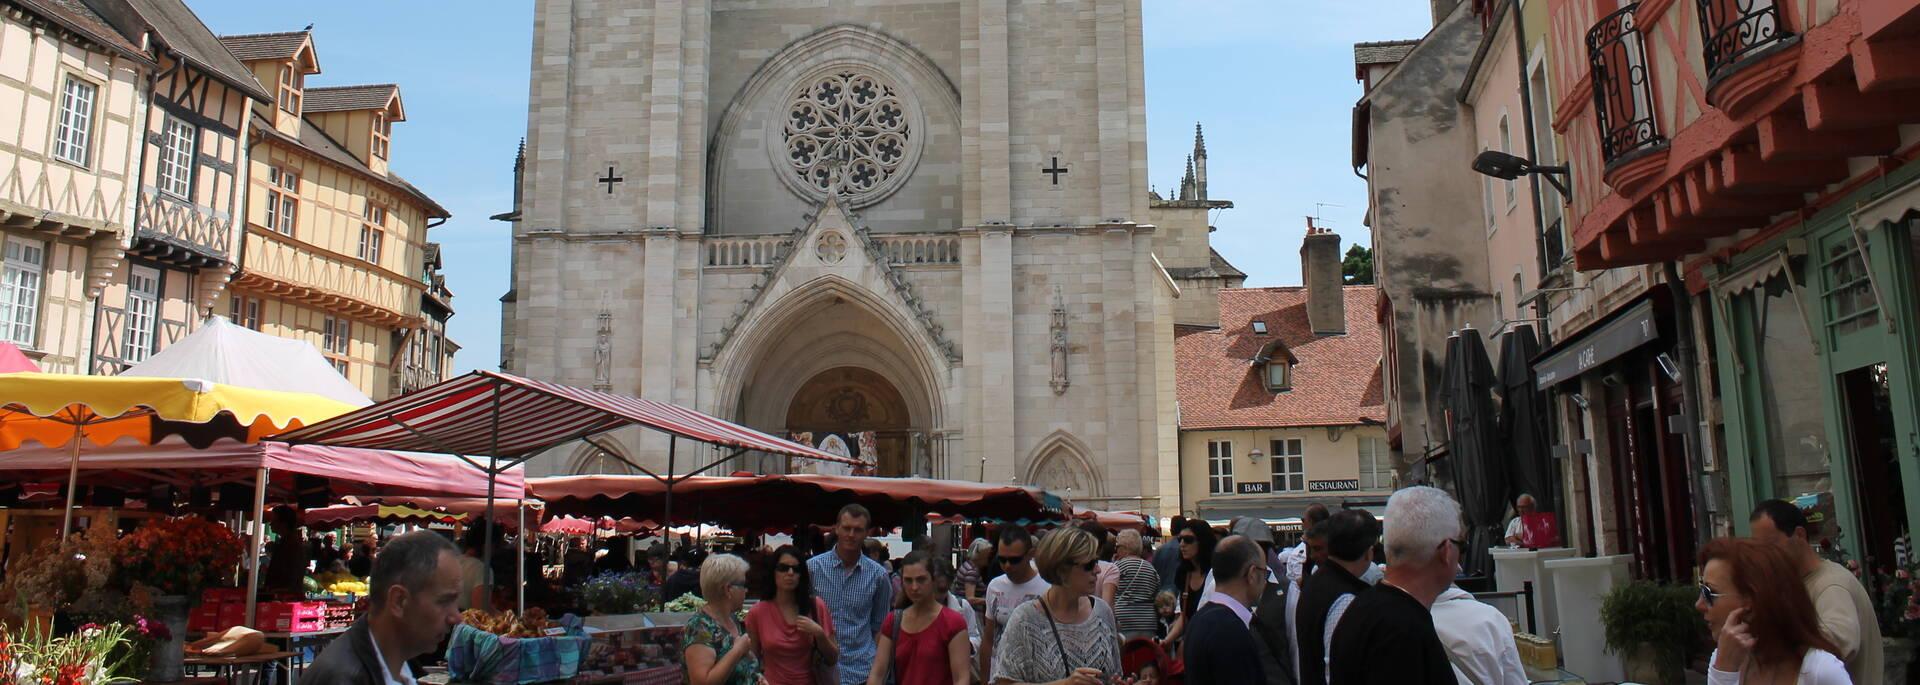 Place Saint Vincent et la Cathédrale